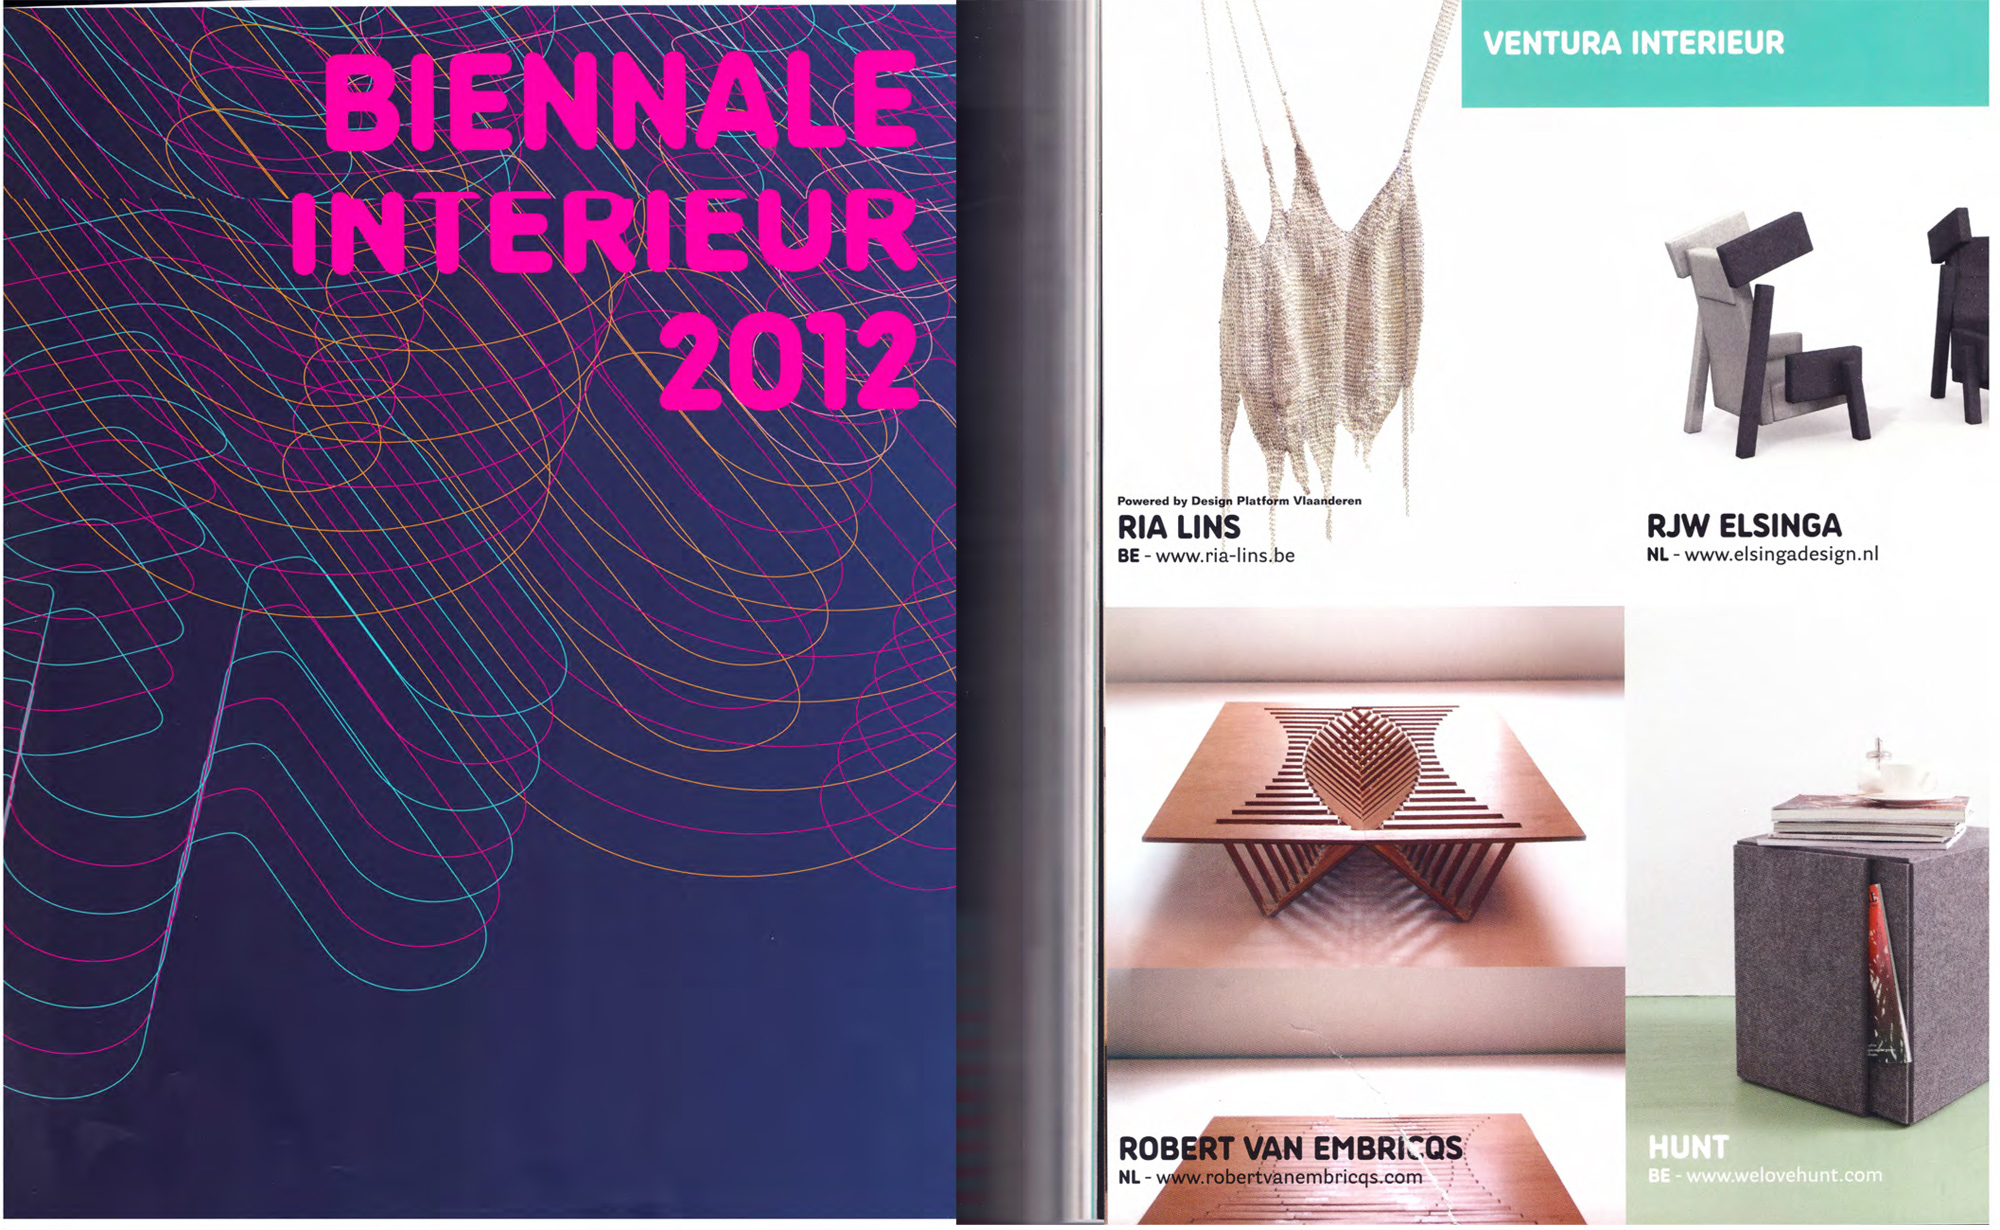 Biennale Interieur 2012